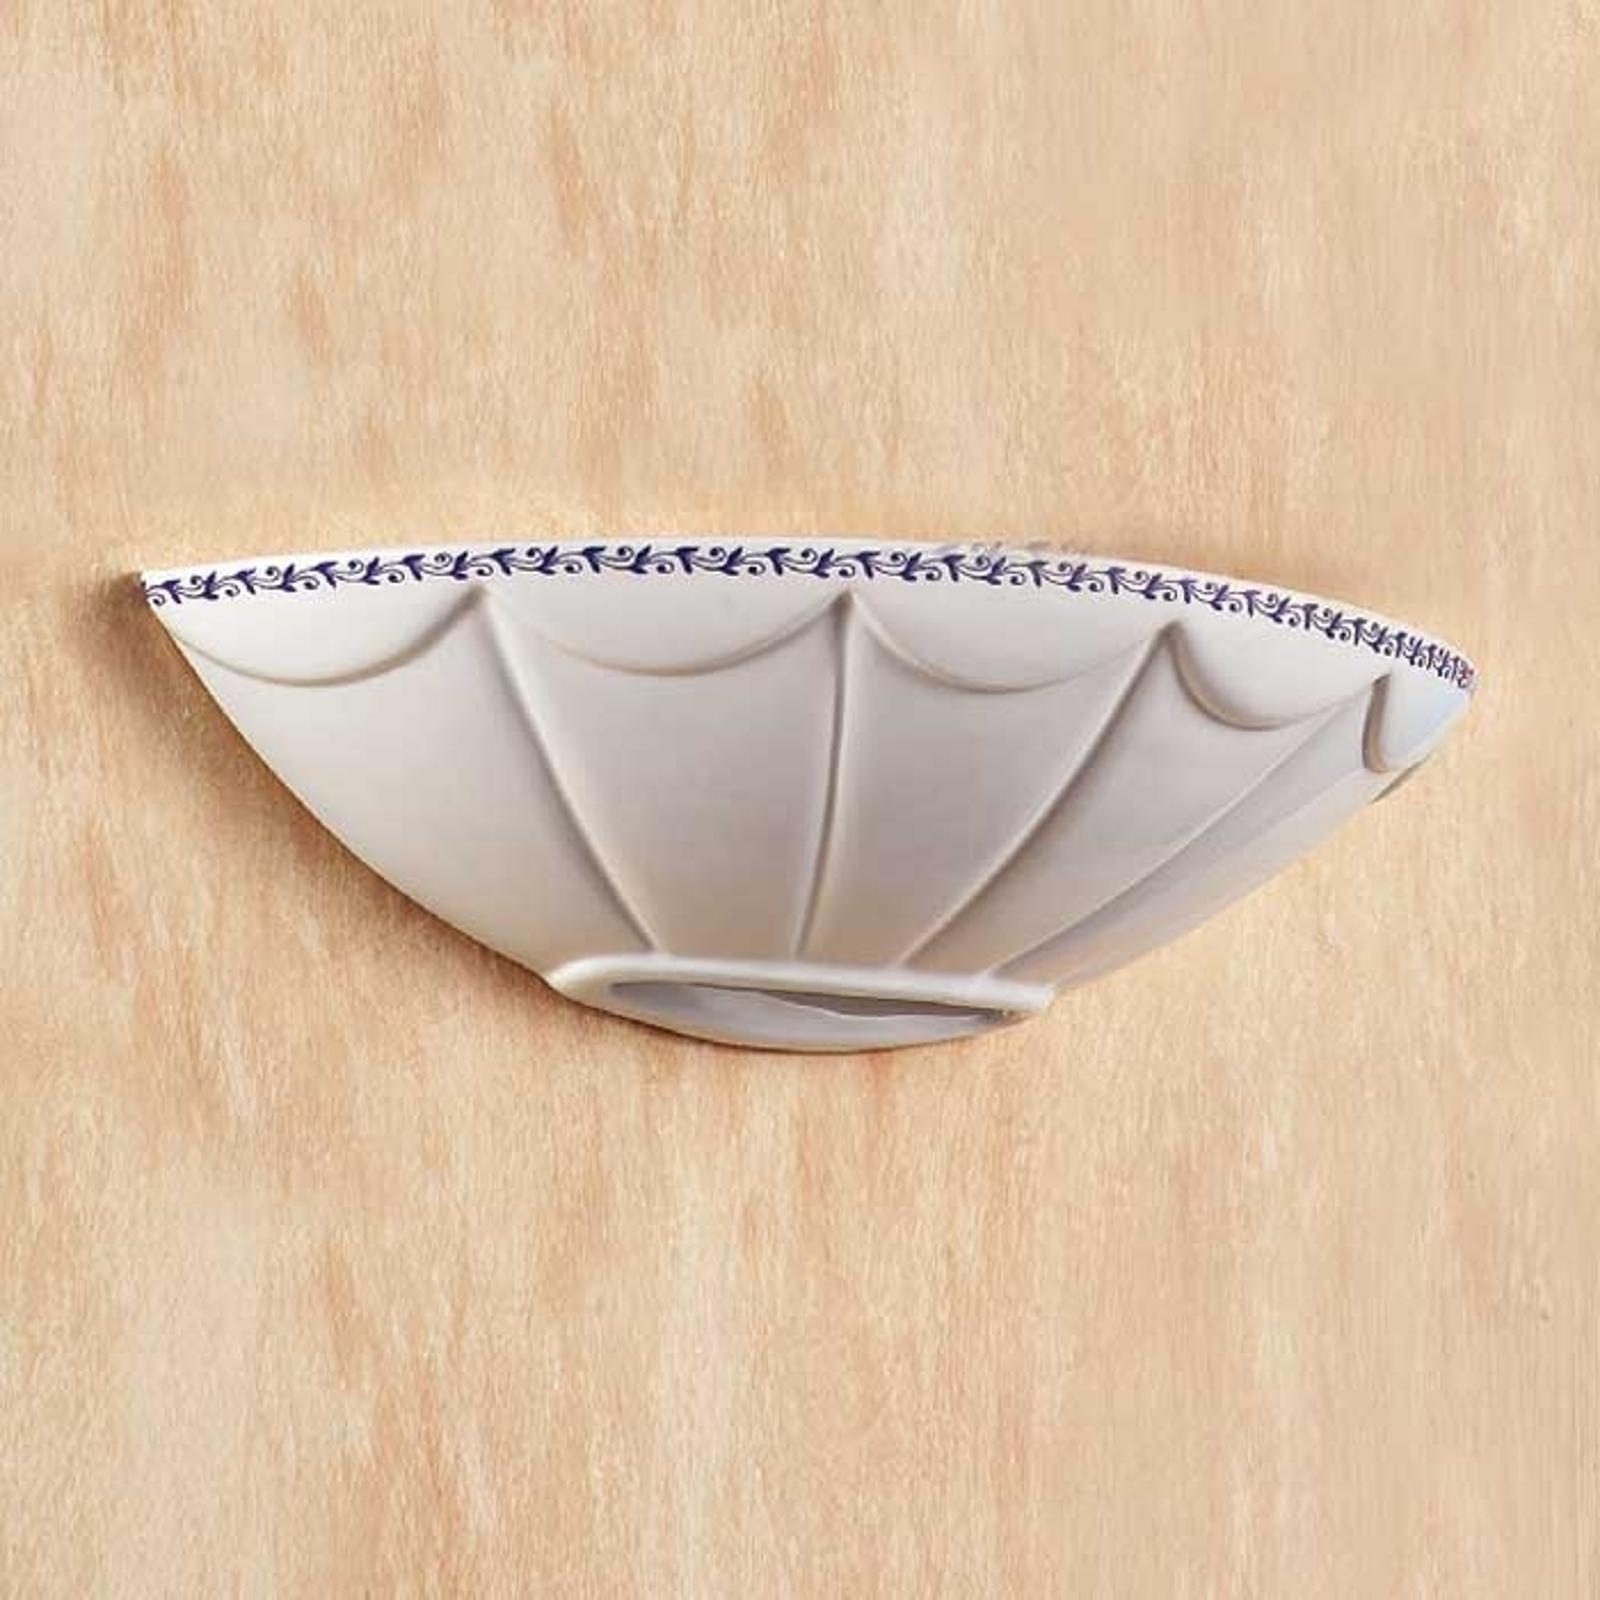 Applique Il Punti con coppa ceramica semisferica